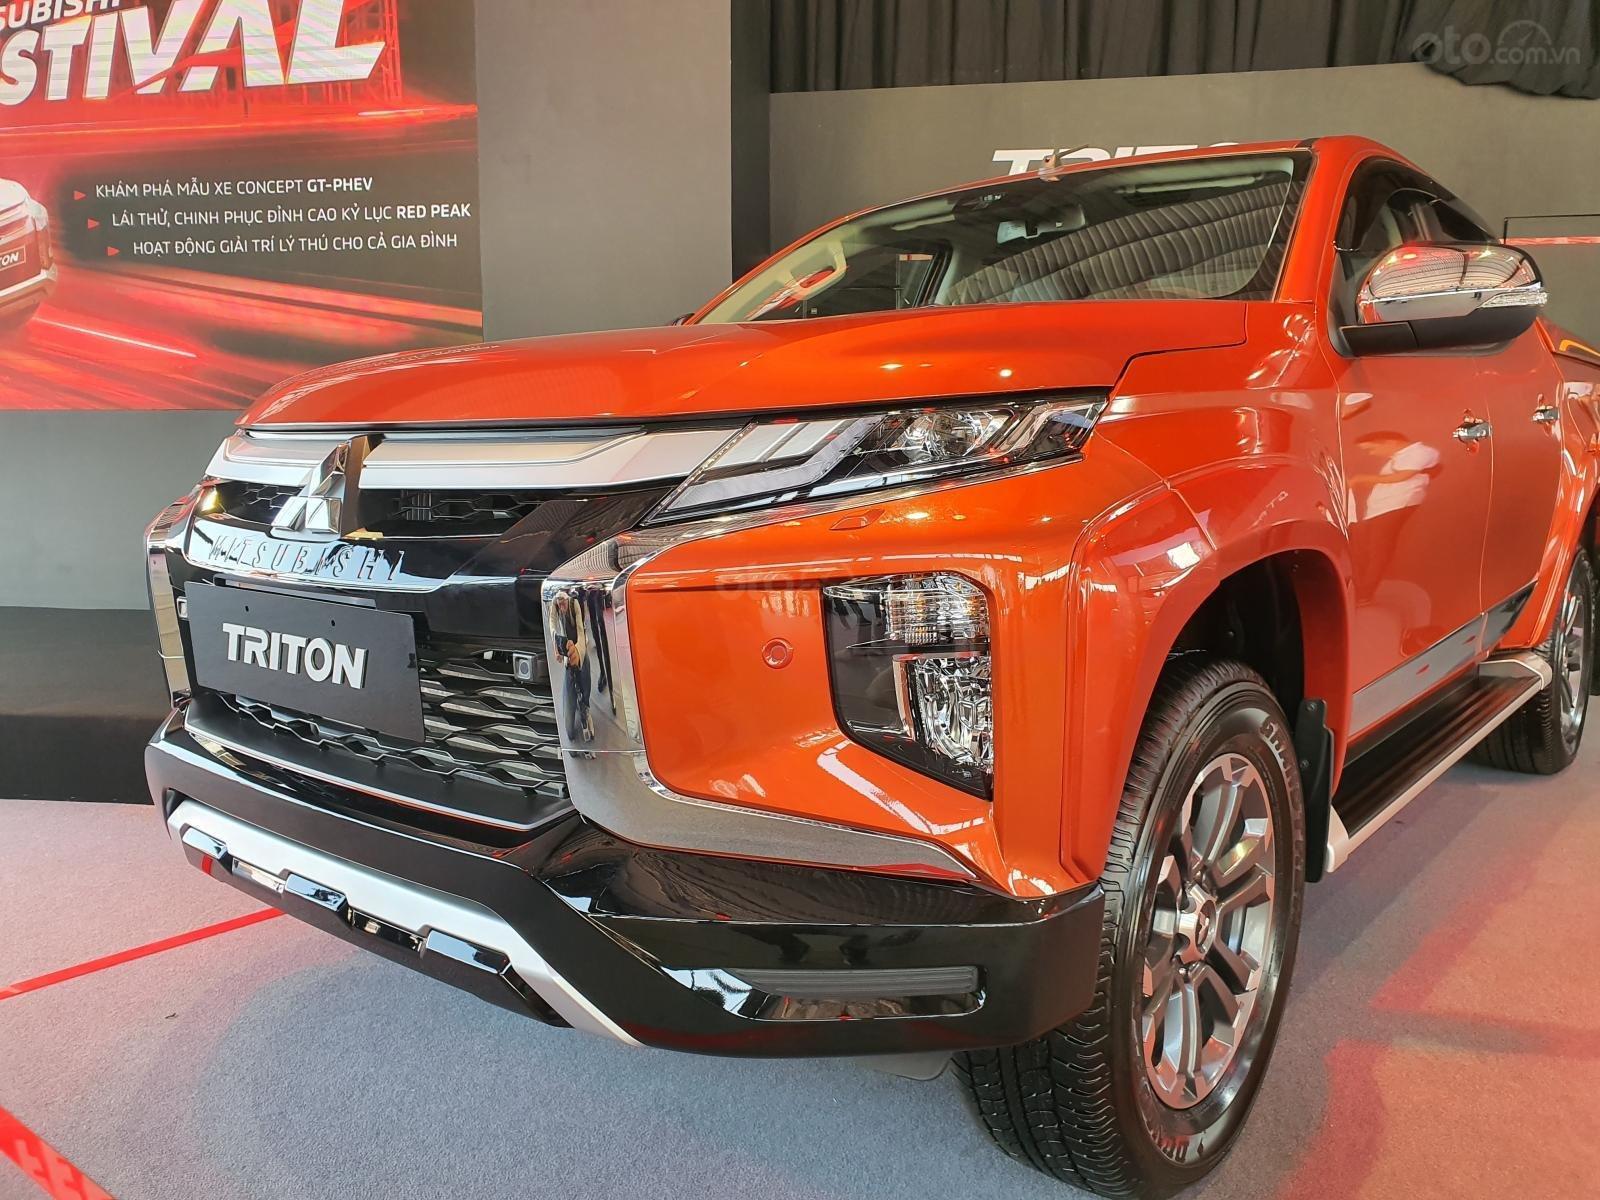 Thông số kỹ thuật xe Mitsubishi triton 2020 vừa ra mắt Việt Nam a1